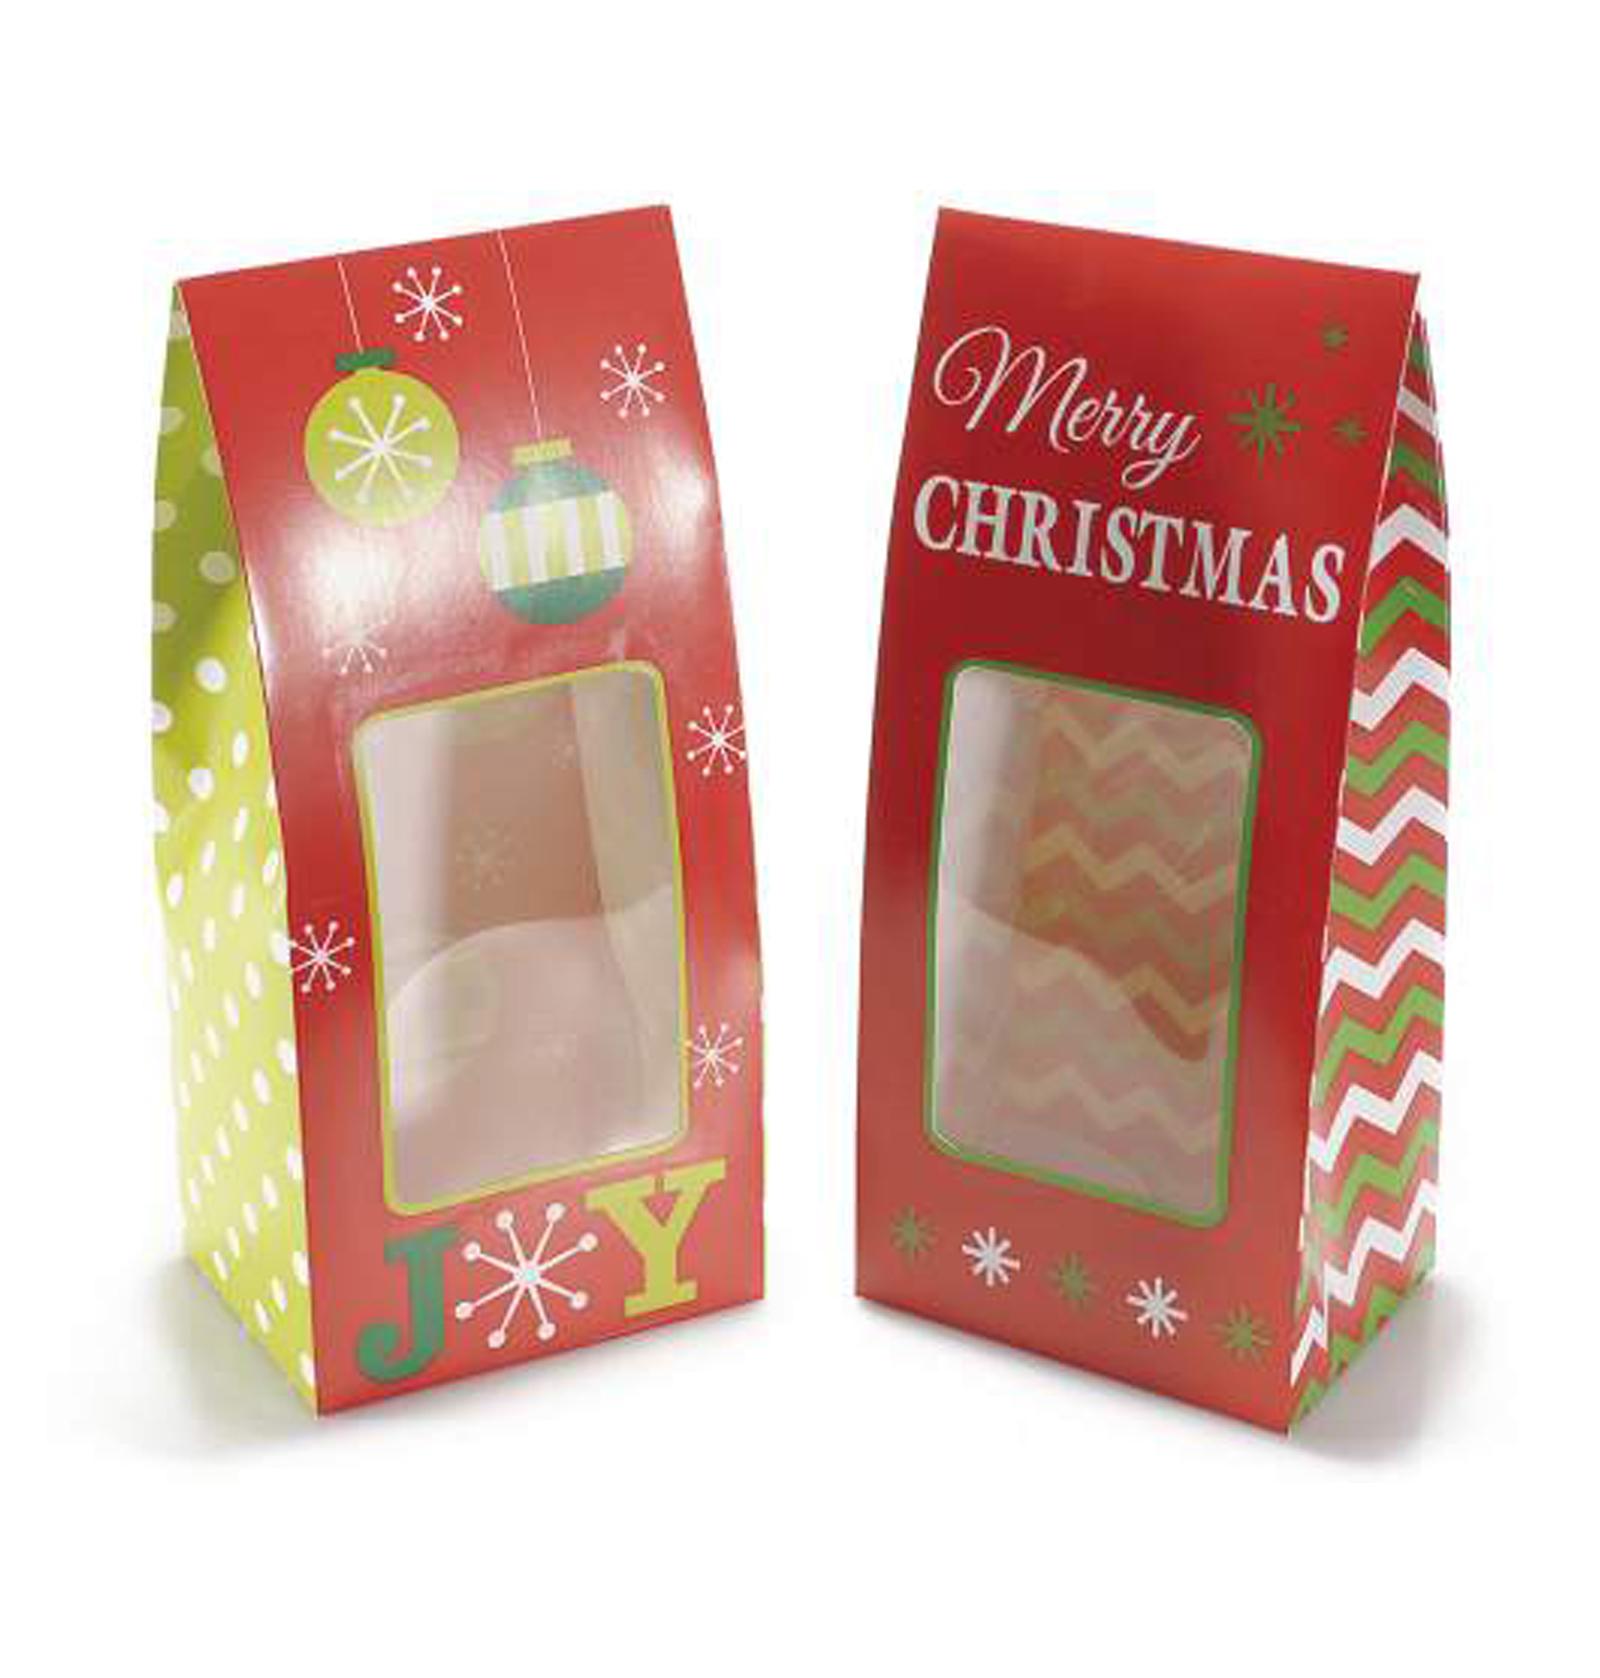 30Pz. Scatole regalo natalizia in carta colorata Merry Christmas